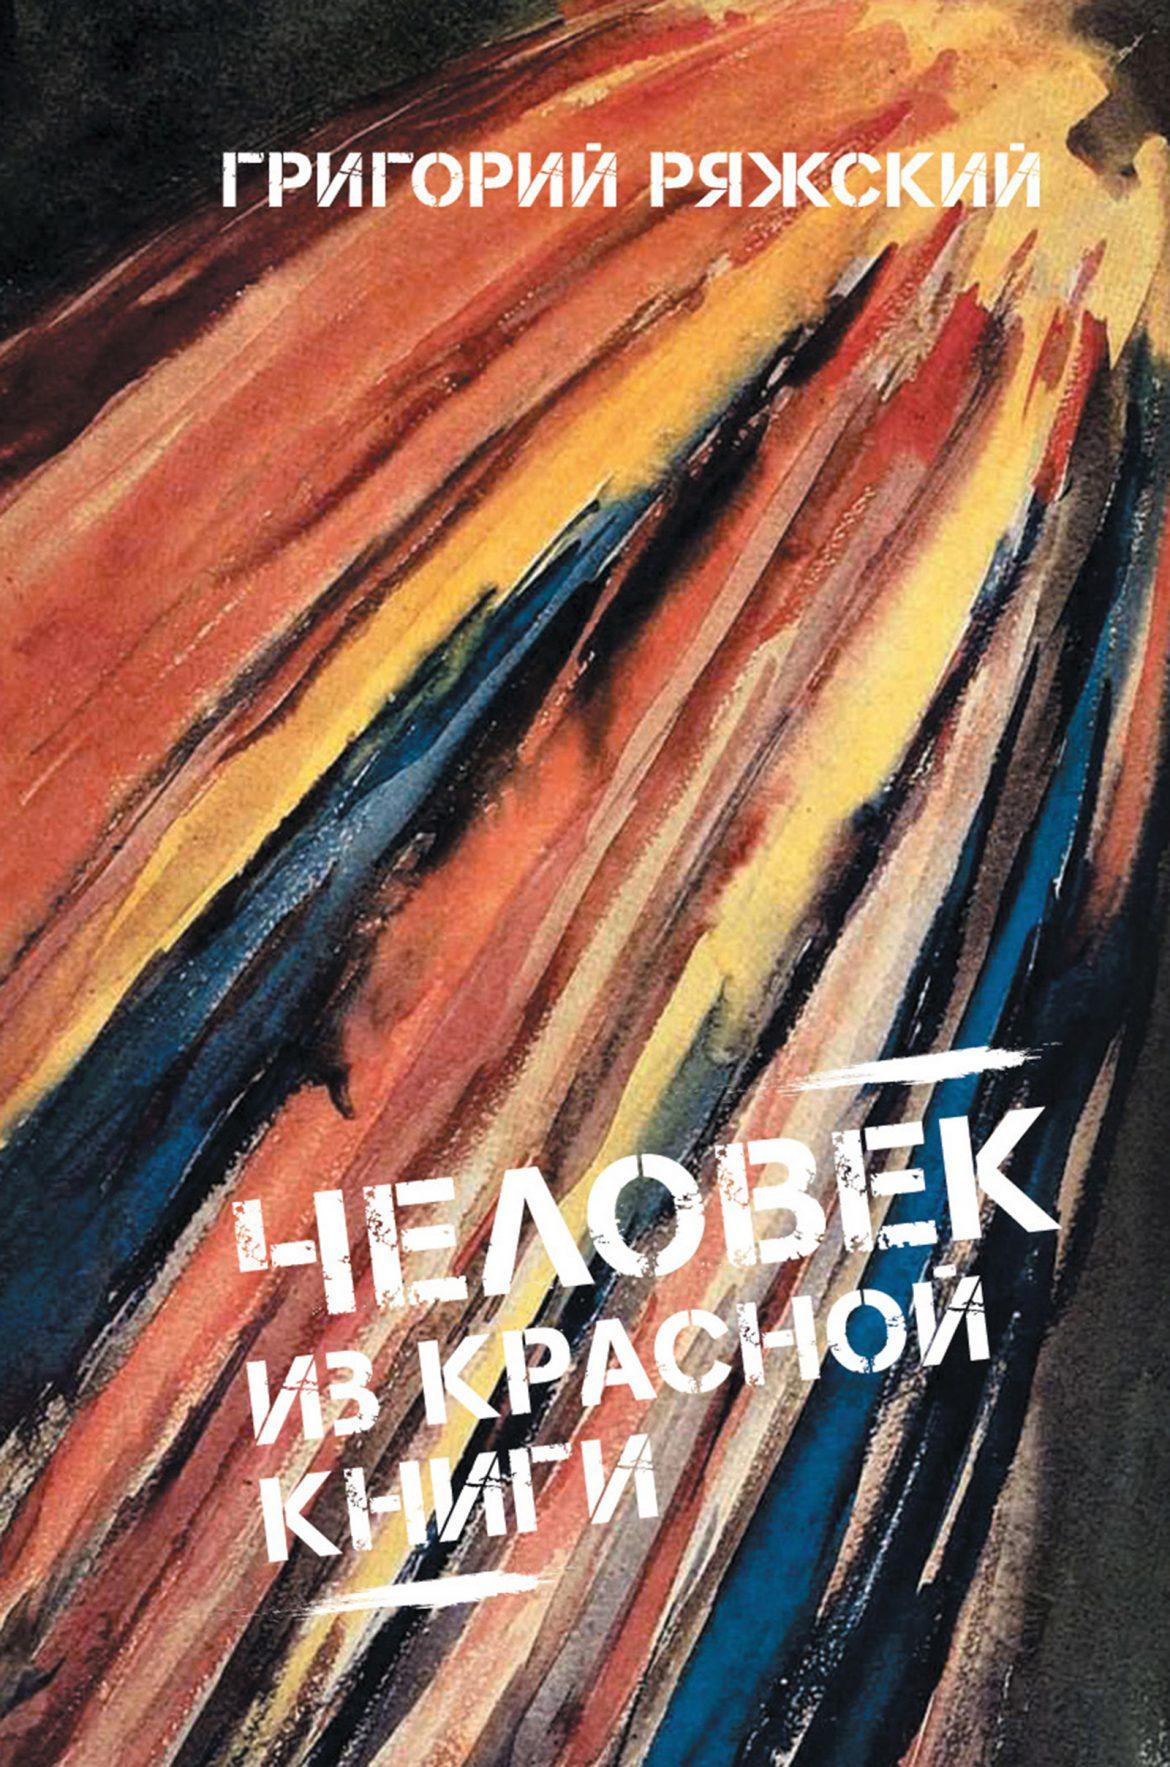 Человек из Красной книги — Григорий Ряжский